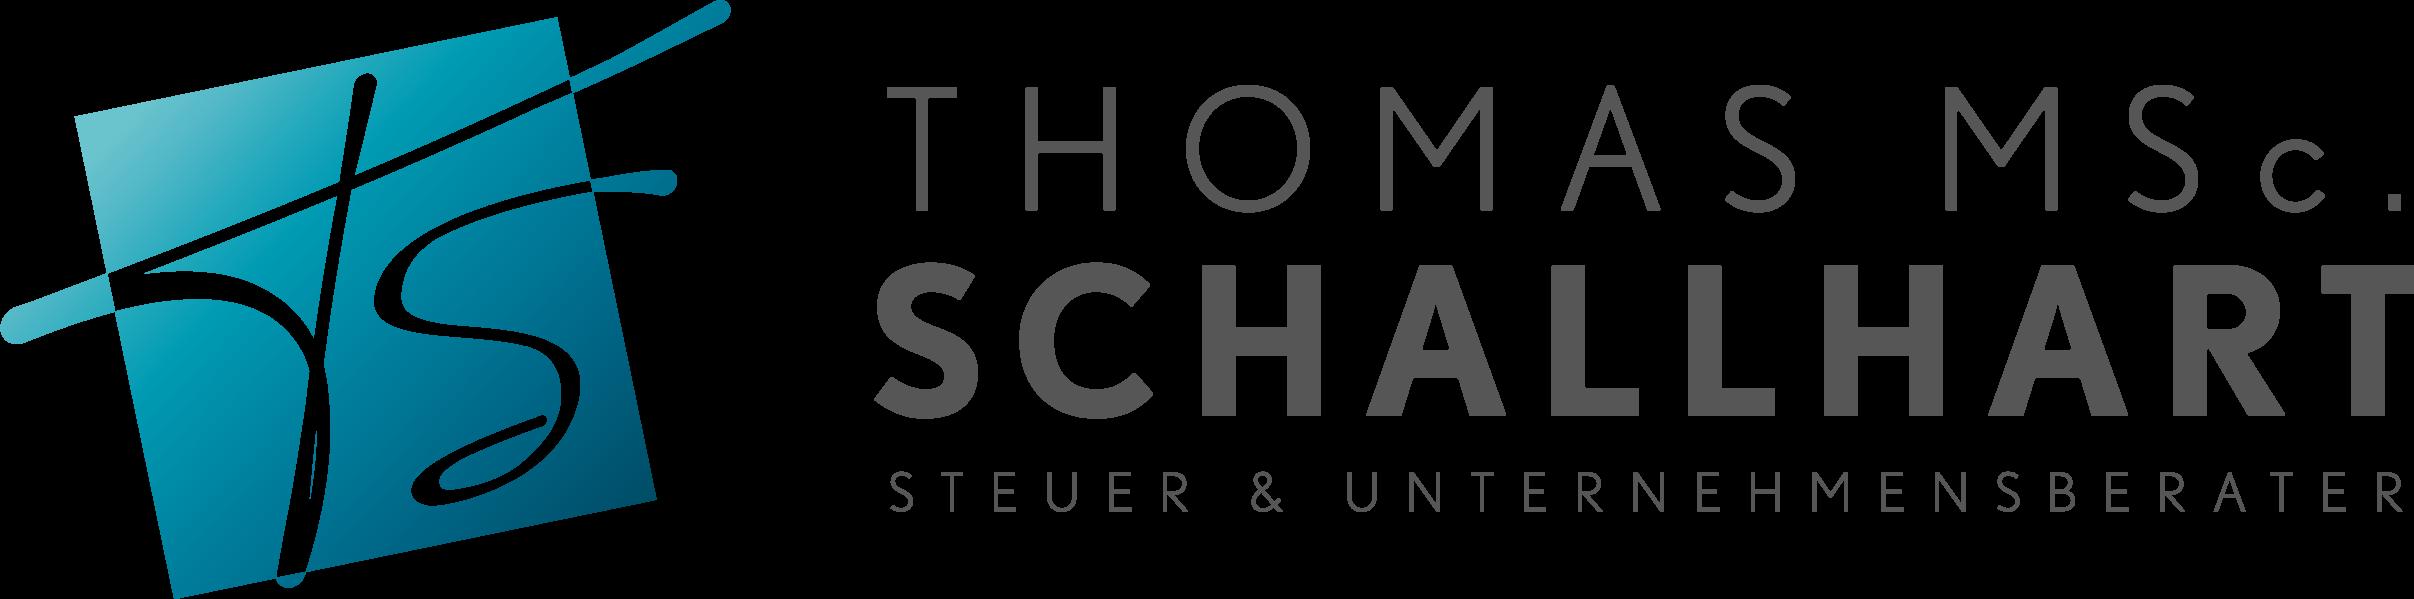 Logo: Thomas Schallhart, MSc. Steuer & Unternehmensberater, Steuerberater Mattighofen